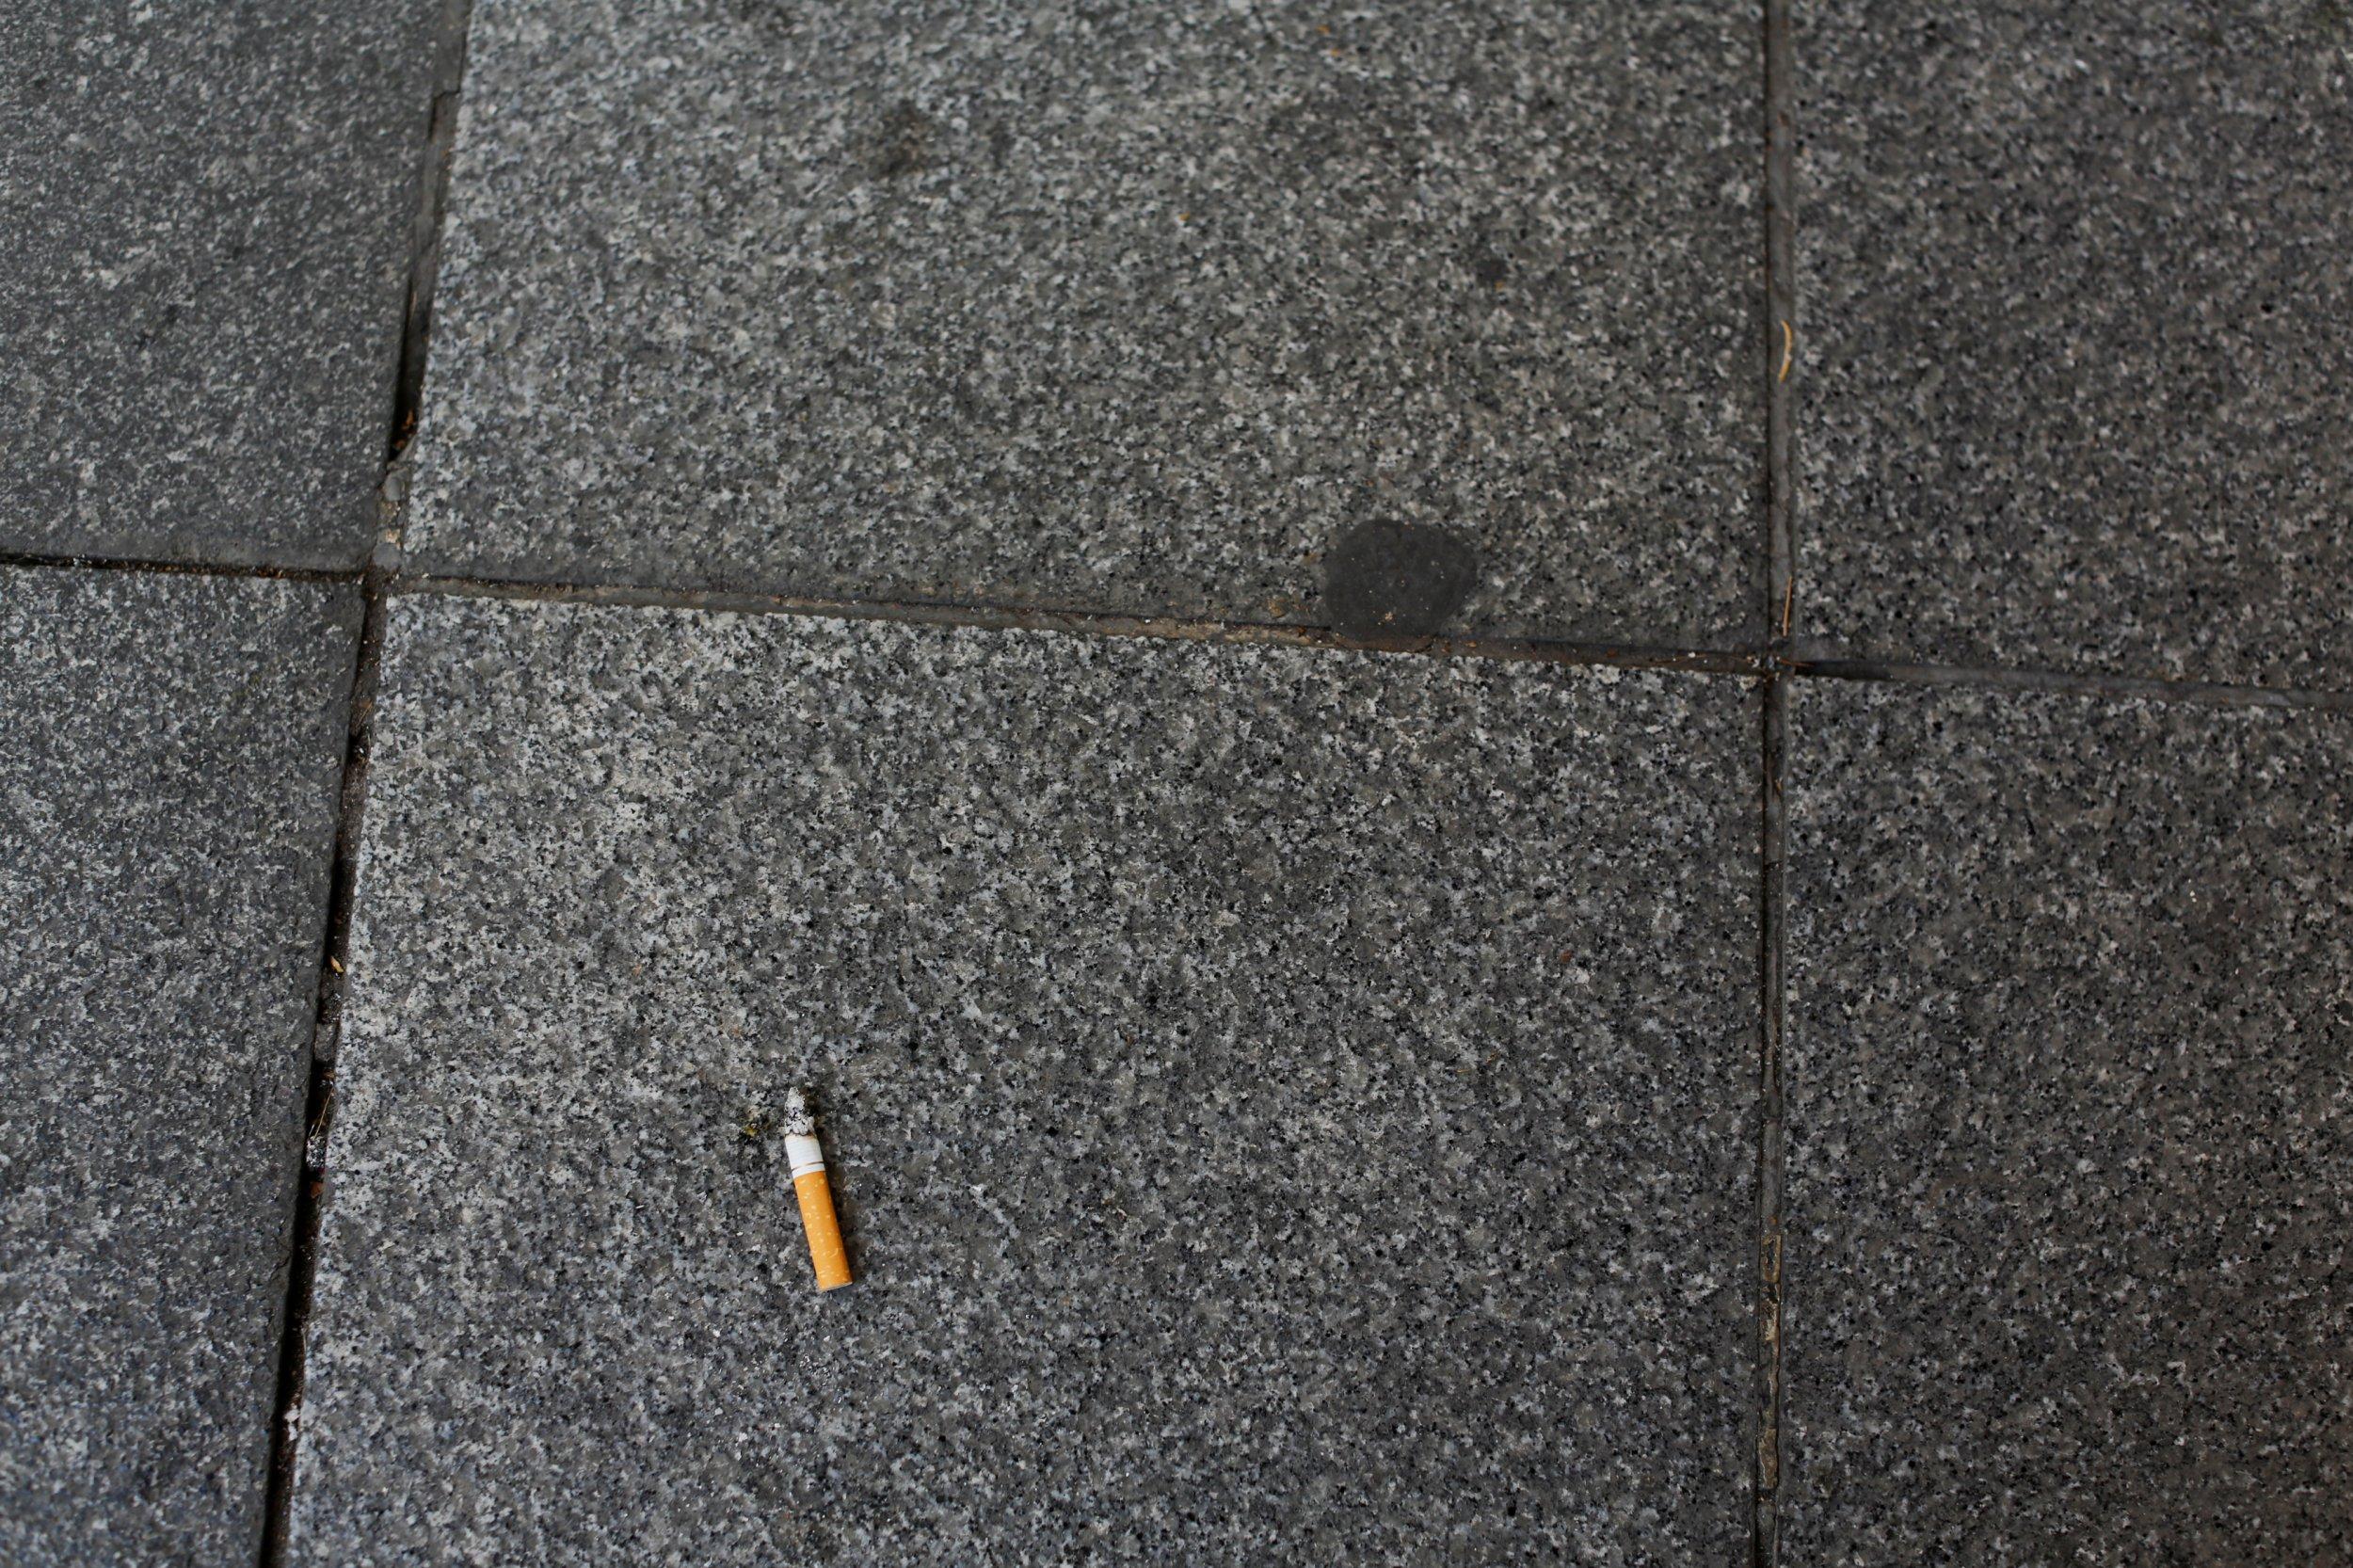 Cigarette-butt